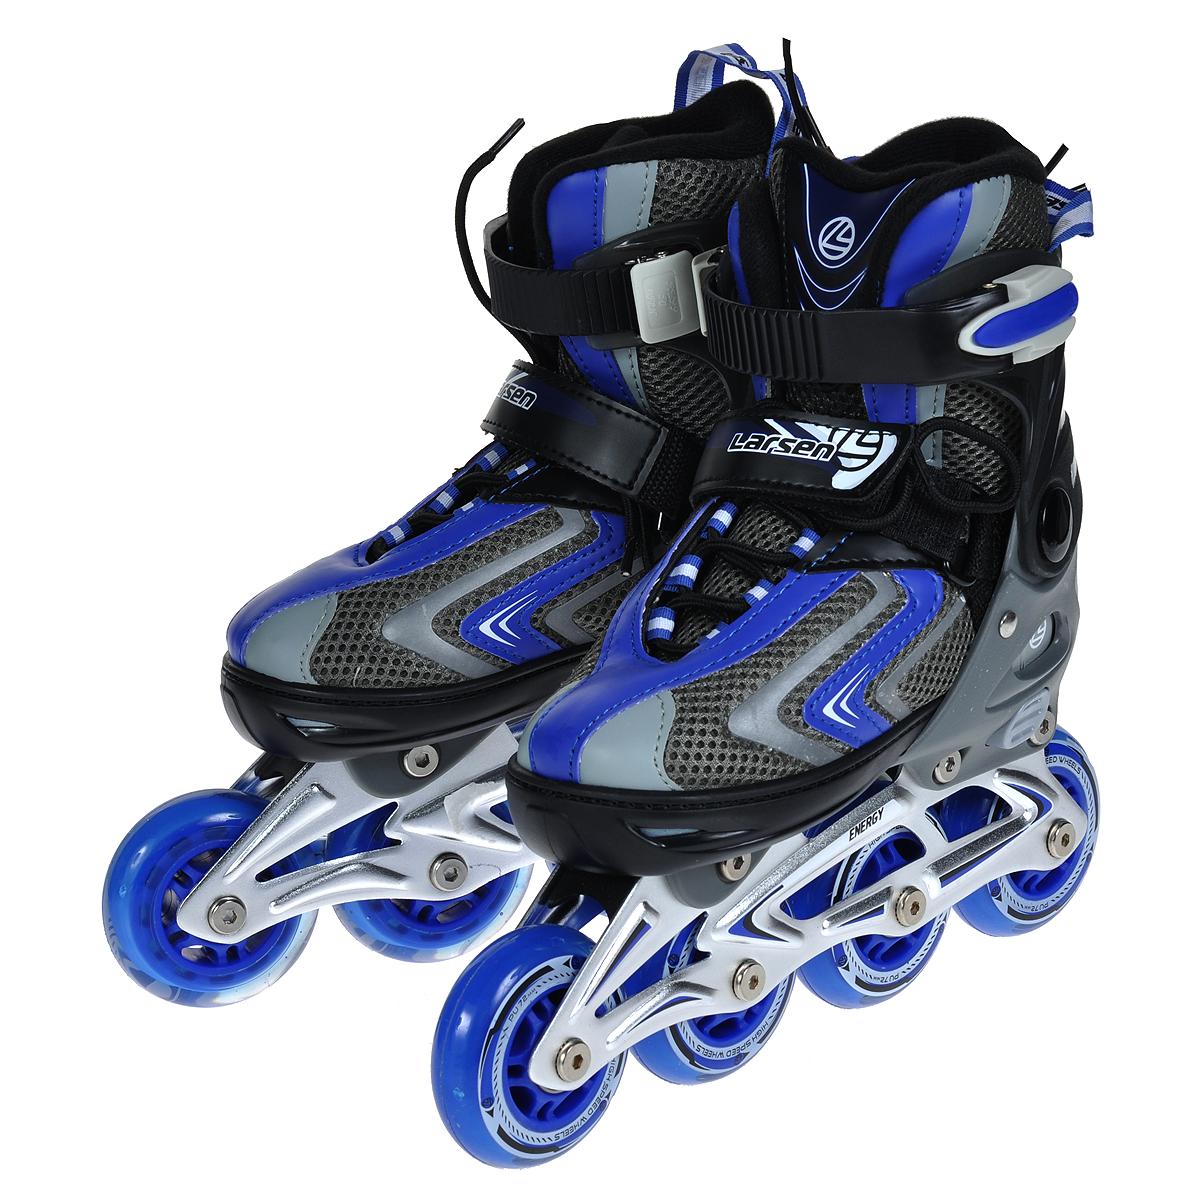 Коньки роликовые Larsen Energy, раздвижные, цвет: синий. Размер XS (29/32)Energy BРаздвижные роликовые коньки Larsen Energy подарят чувство комфорта и уверенности во время движения. Особенностью роликов является раздвижная конструкция на 4 размера, которая разработана для того, чтобы не было необходимости покупать новые ролики каждый сезон. Ролики имеют ботинок с удобными застежками, защищающий ногу от травм, оснащены пяточным тормозом. Рама выполнена из прочного алюминия, а колеса - из полиуретана с подшипниками ABEC-5.Ролики - это модный и полезный вид активного отдыха на свежем воздухе. Катание на роликах является одним из популярных развлечений среди молодежи и детей.